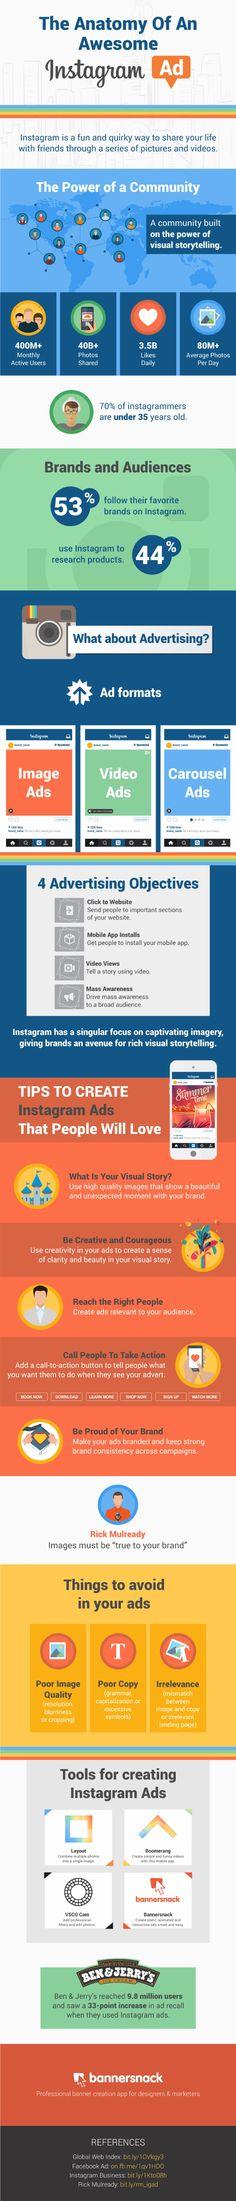 Cómo debe ser el anuncio perfecto en Instagram [Infografía]